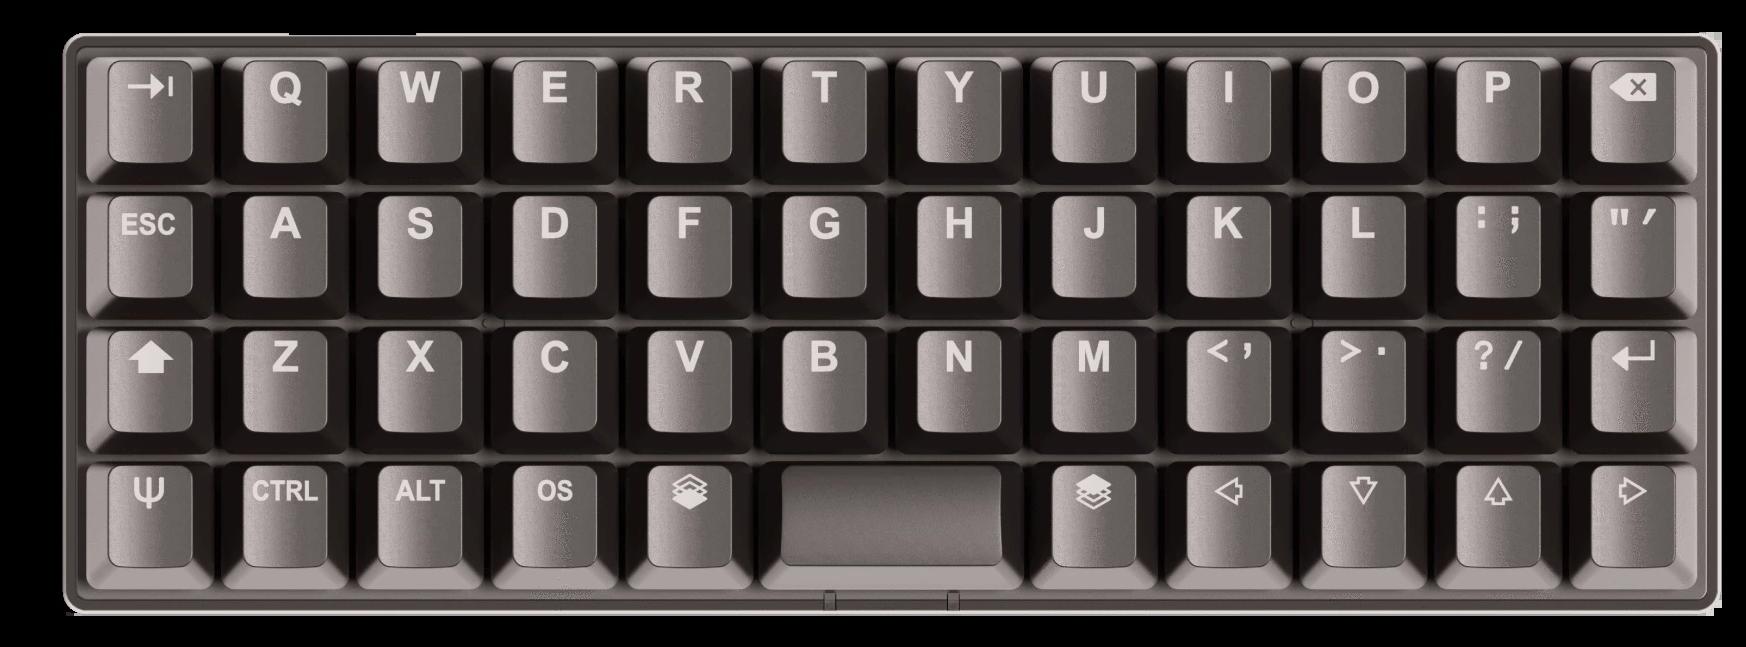 Planck EZ Keyboard